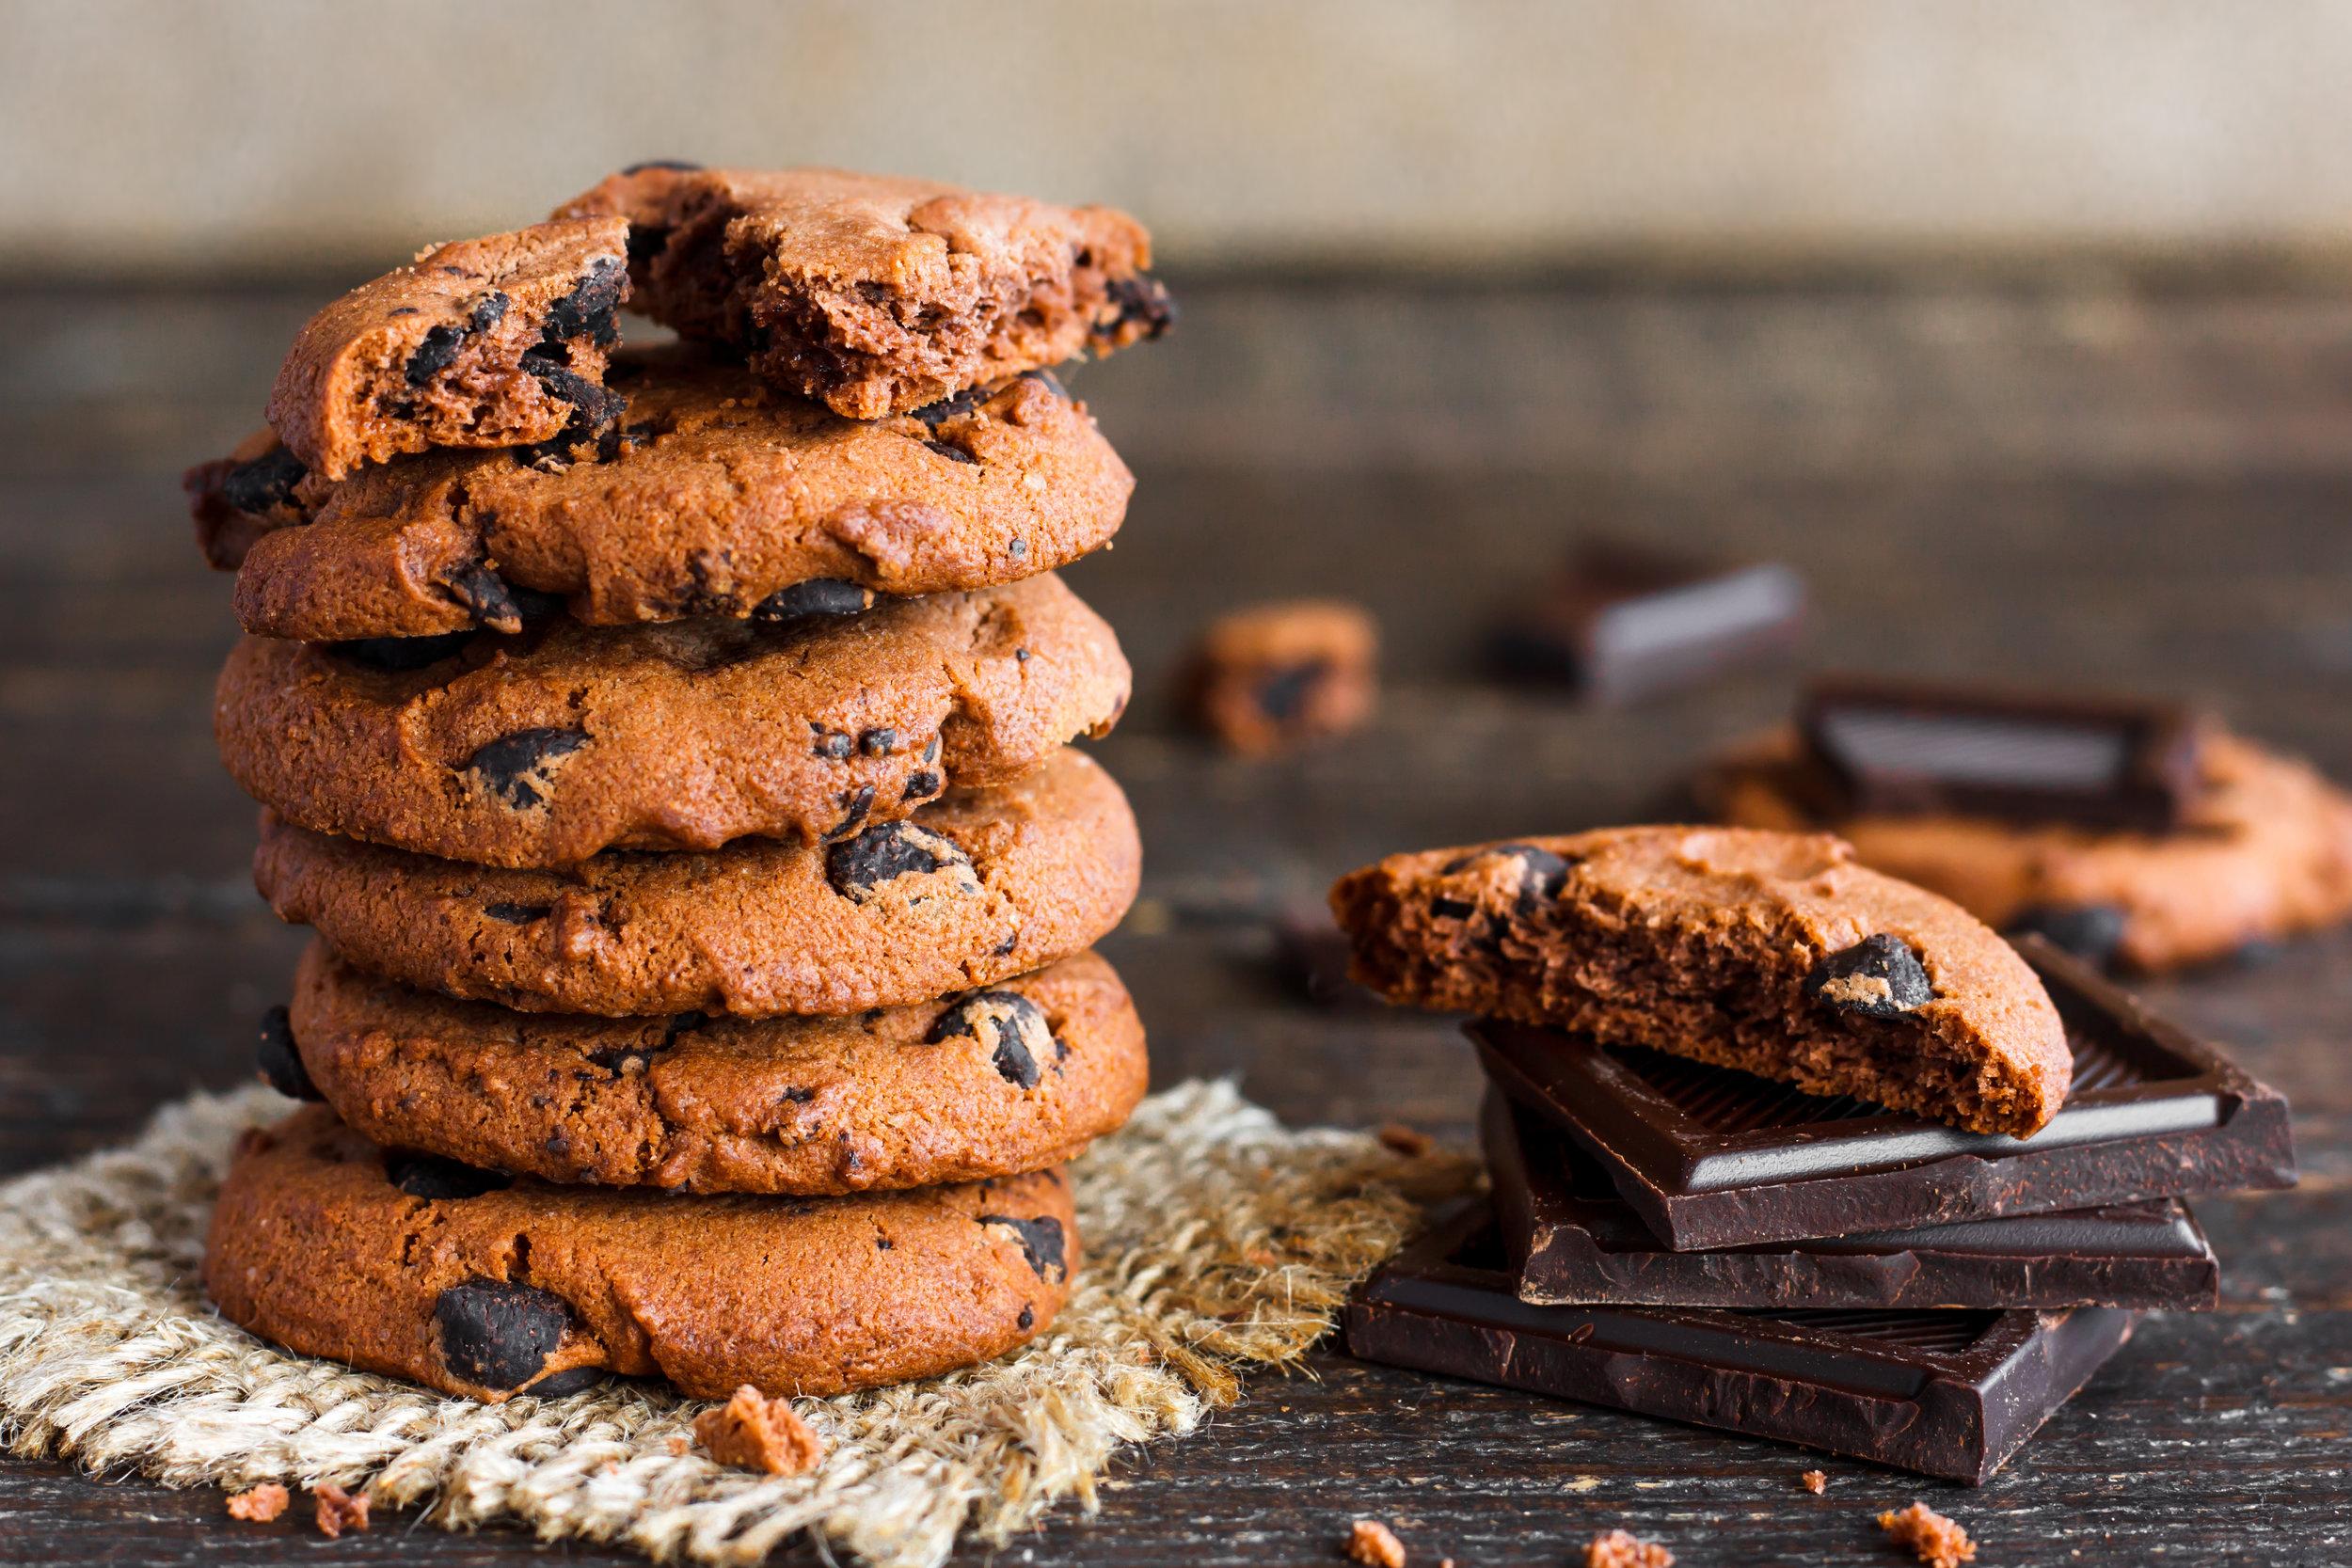 shutterstock_503947774(Choc Choc Cookie).jpg